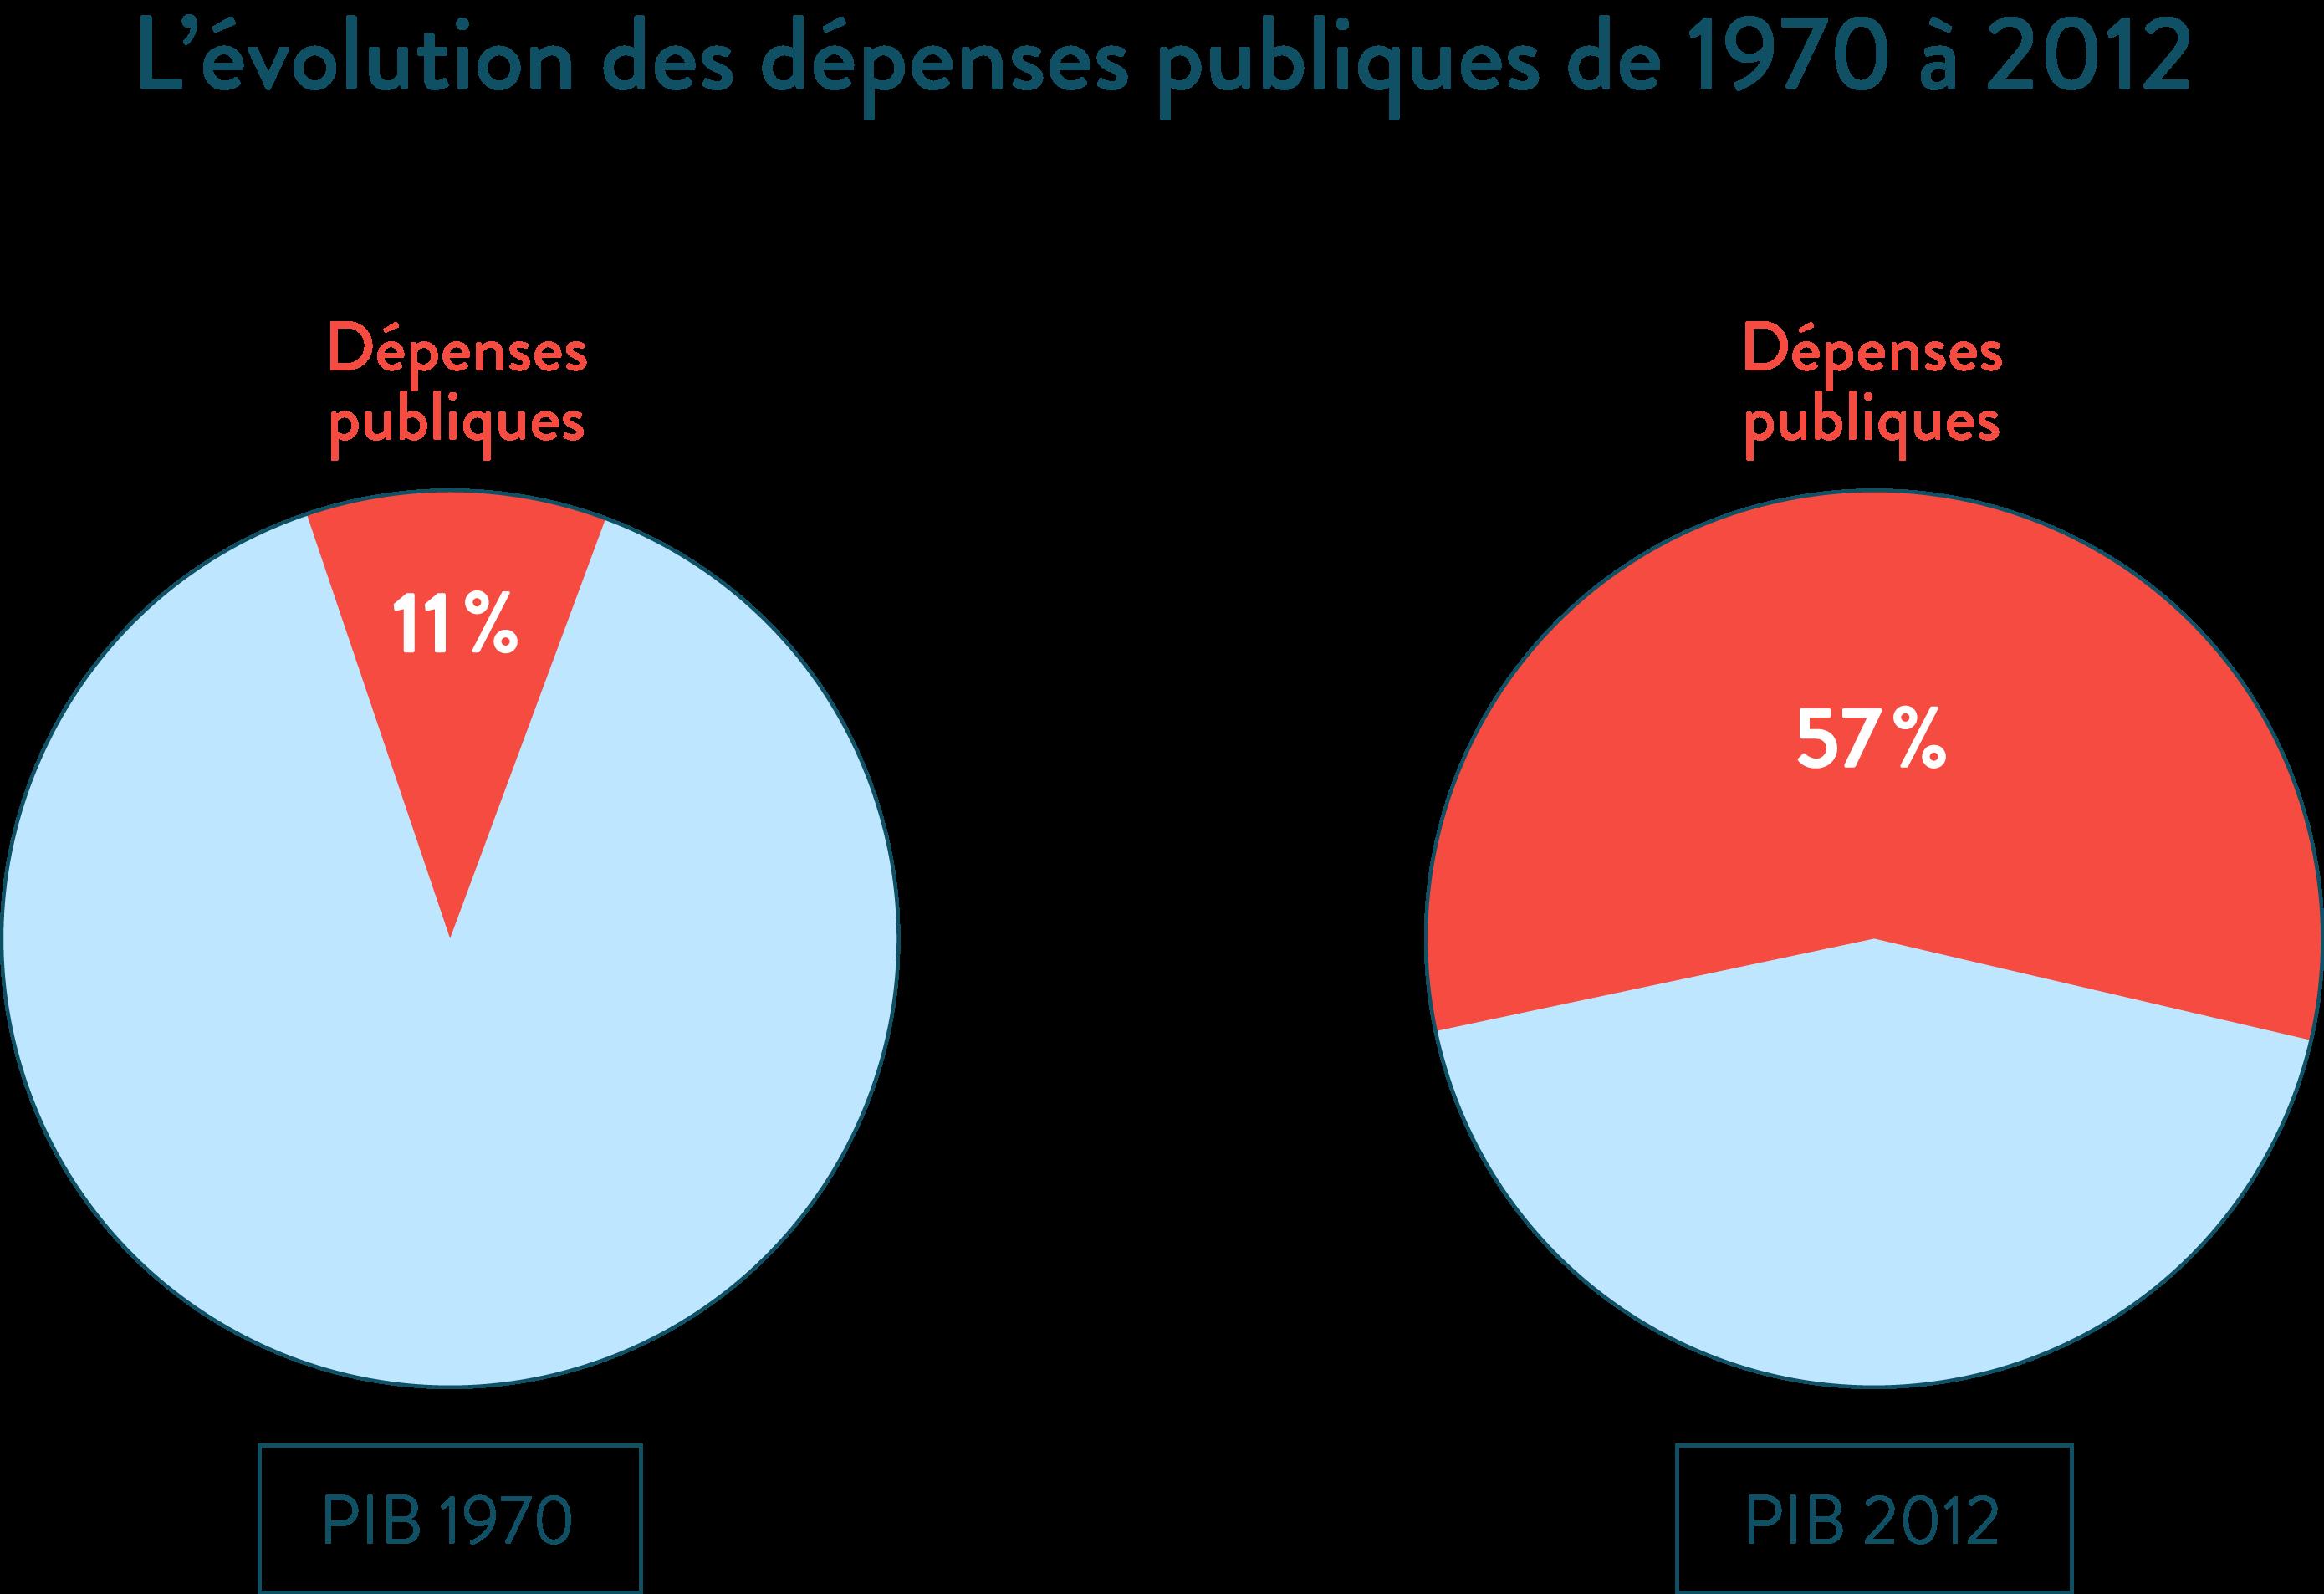 L'évolution des dépenses publiques de 1970 à 2012 ses première